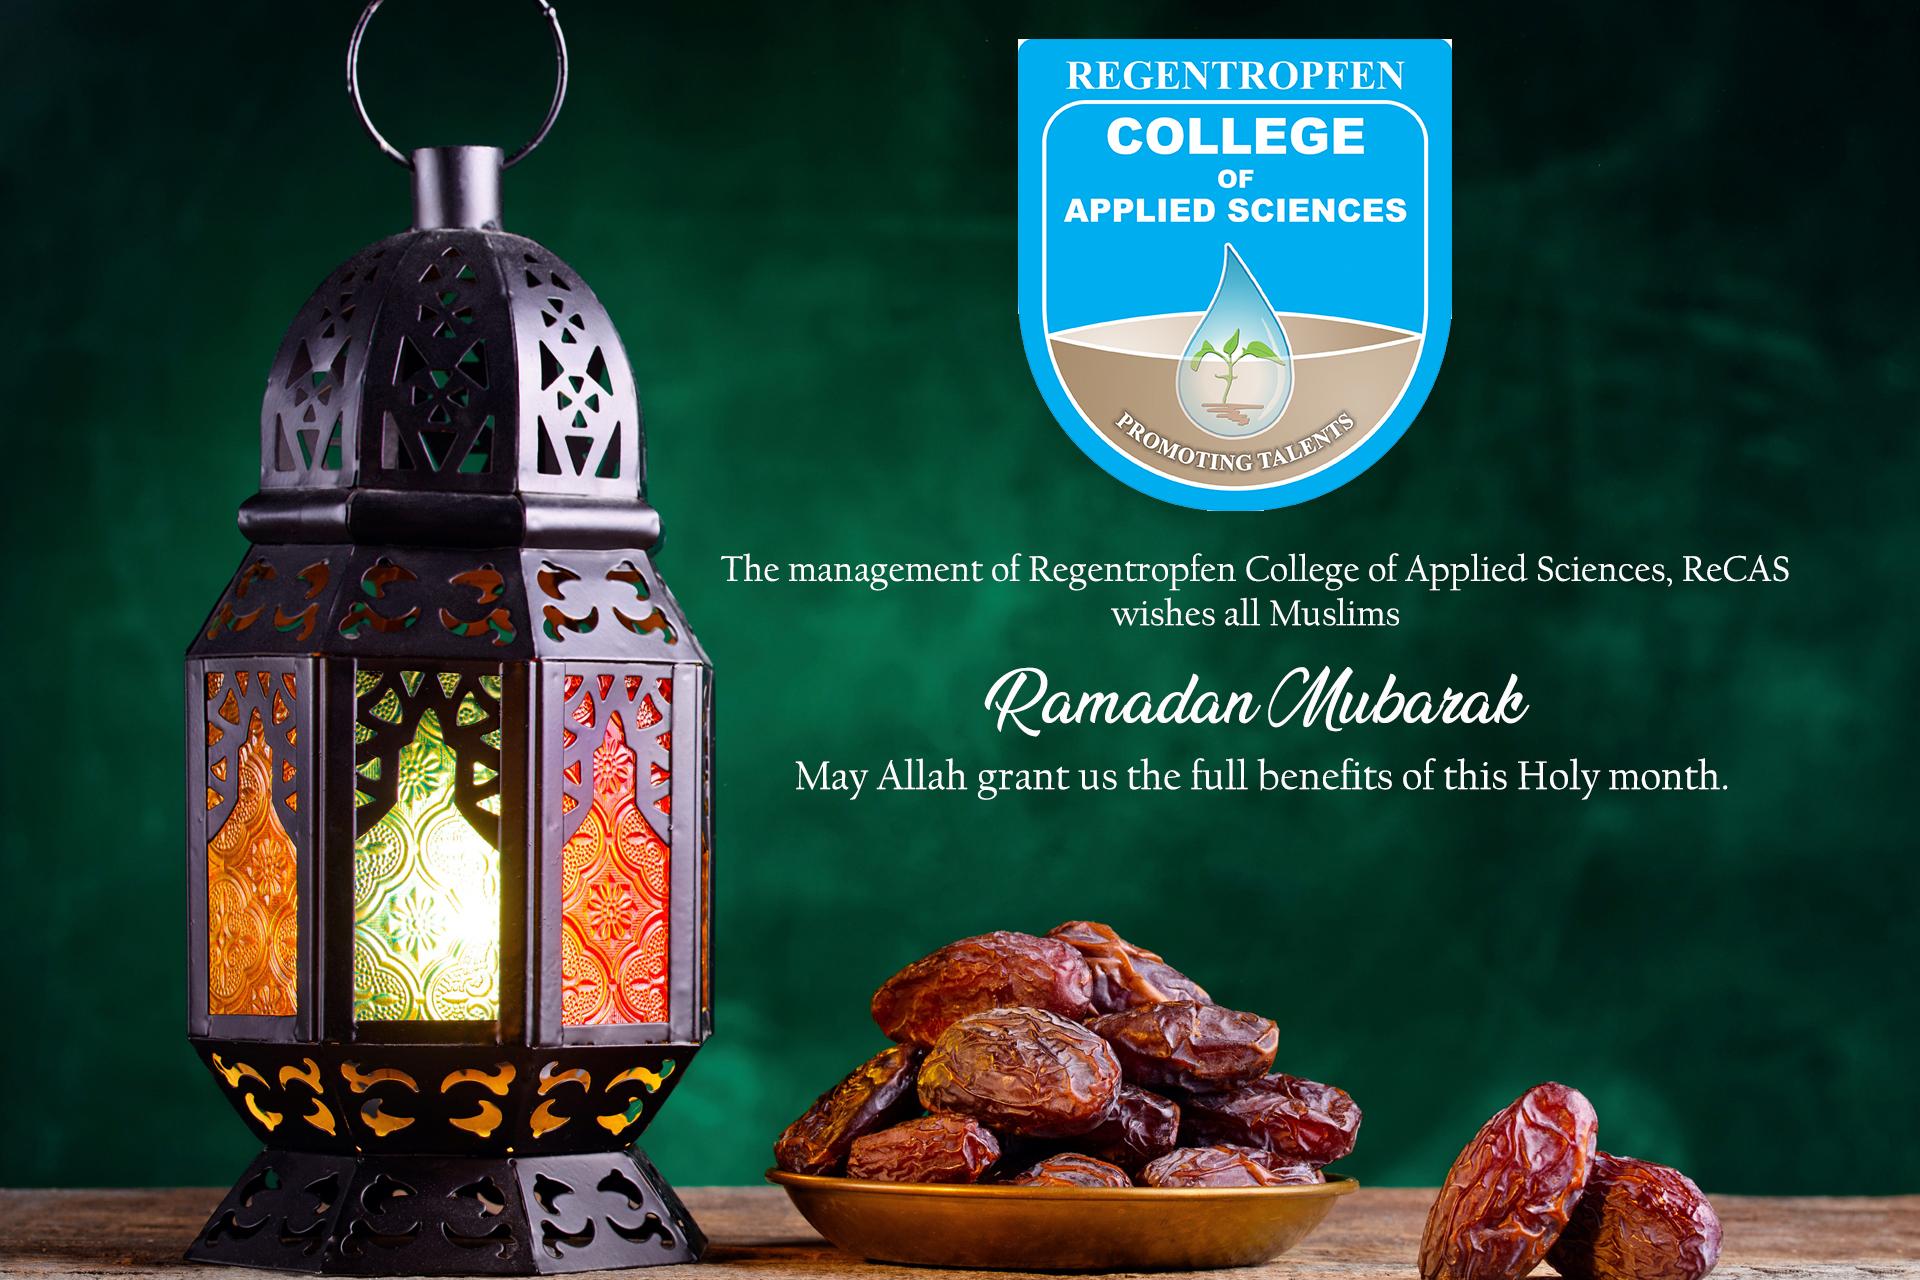 ReCAS Ramada message